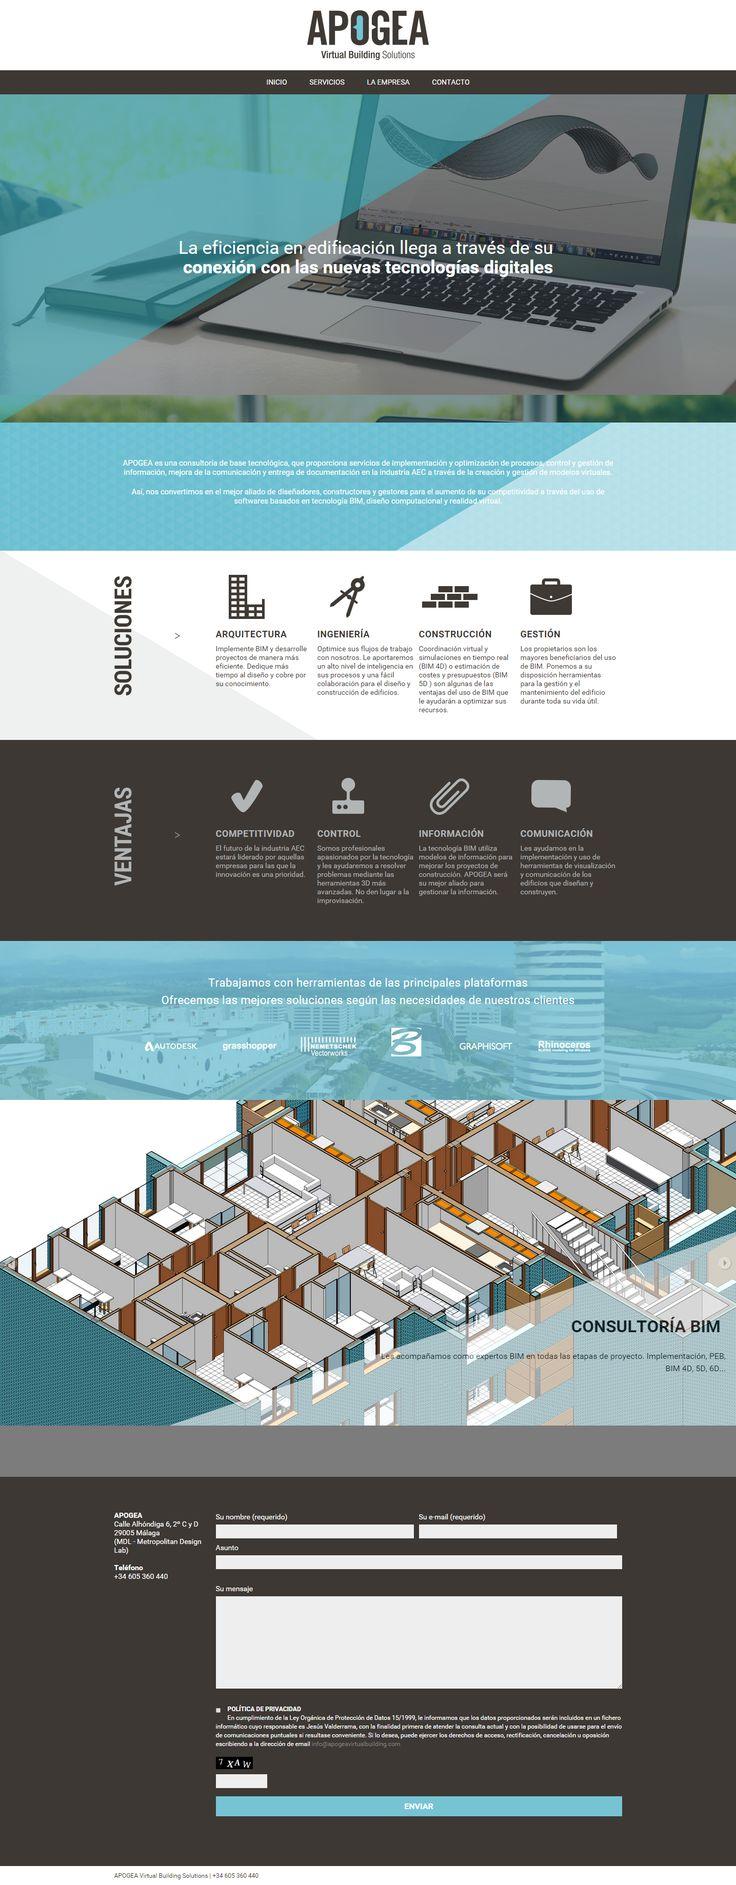 Apogea Virtual Building, diseñadores, constructores y gestores con base tecnologica. Así desarrollamos su sitio web en Factor ñ.